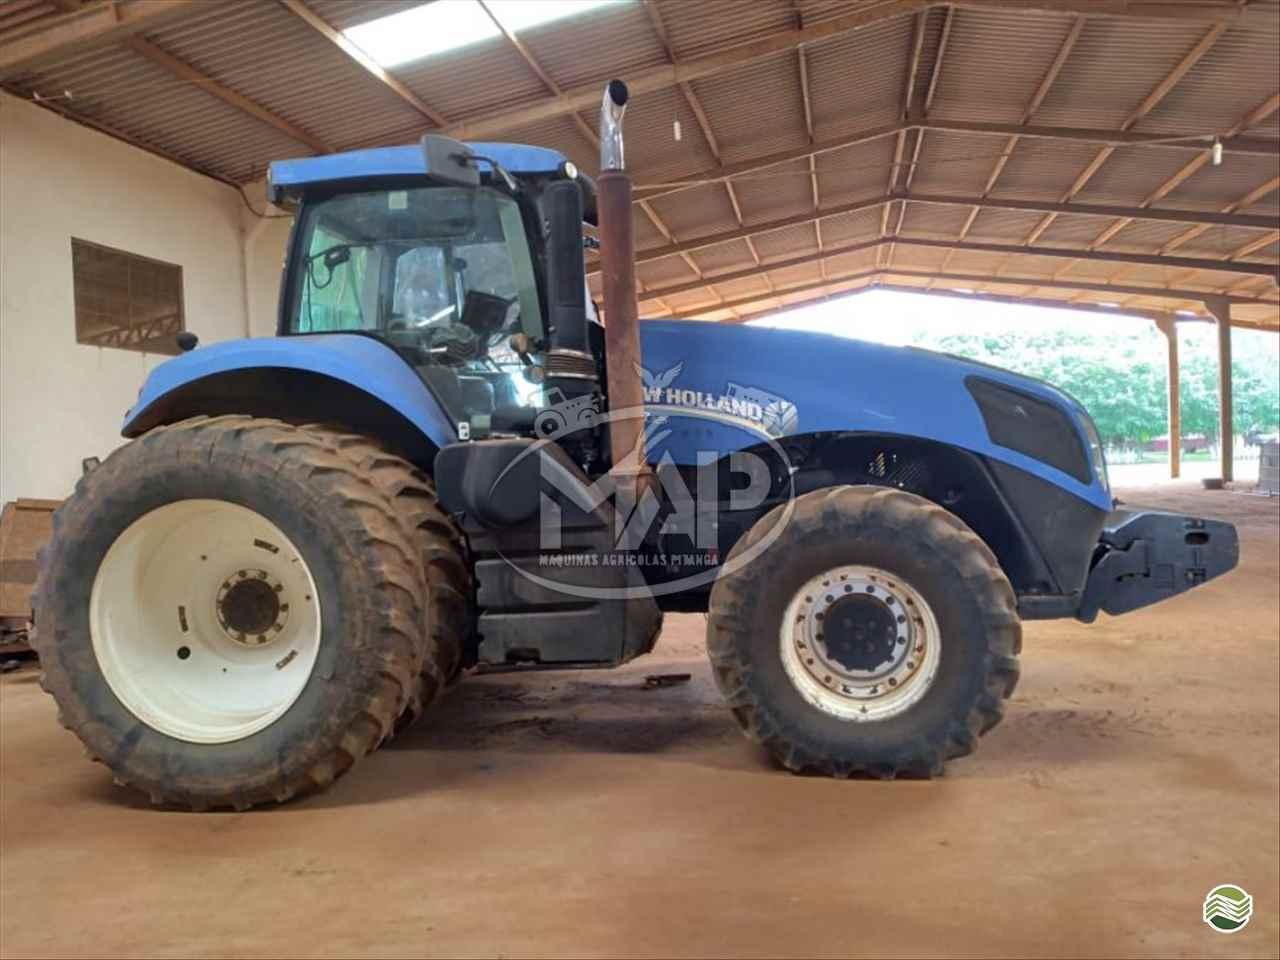 TRATOR NEW HOLLAND NEW T8 325 Tração 4x4 Máquinas Agrícolas Pitanga PITANGA PARANÁ PR